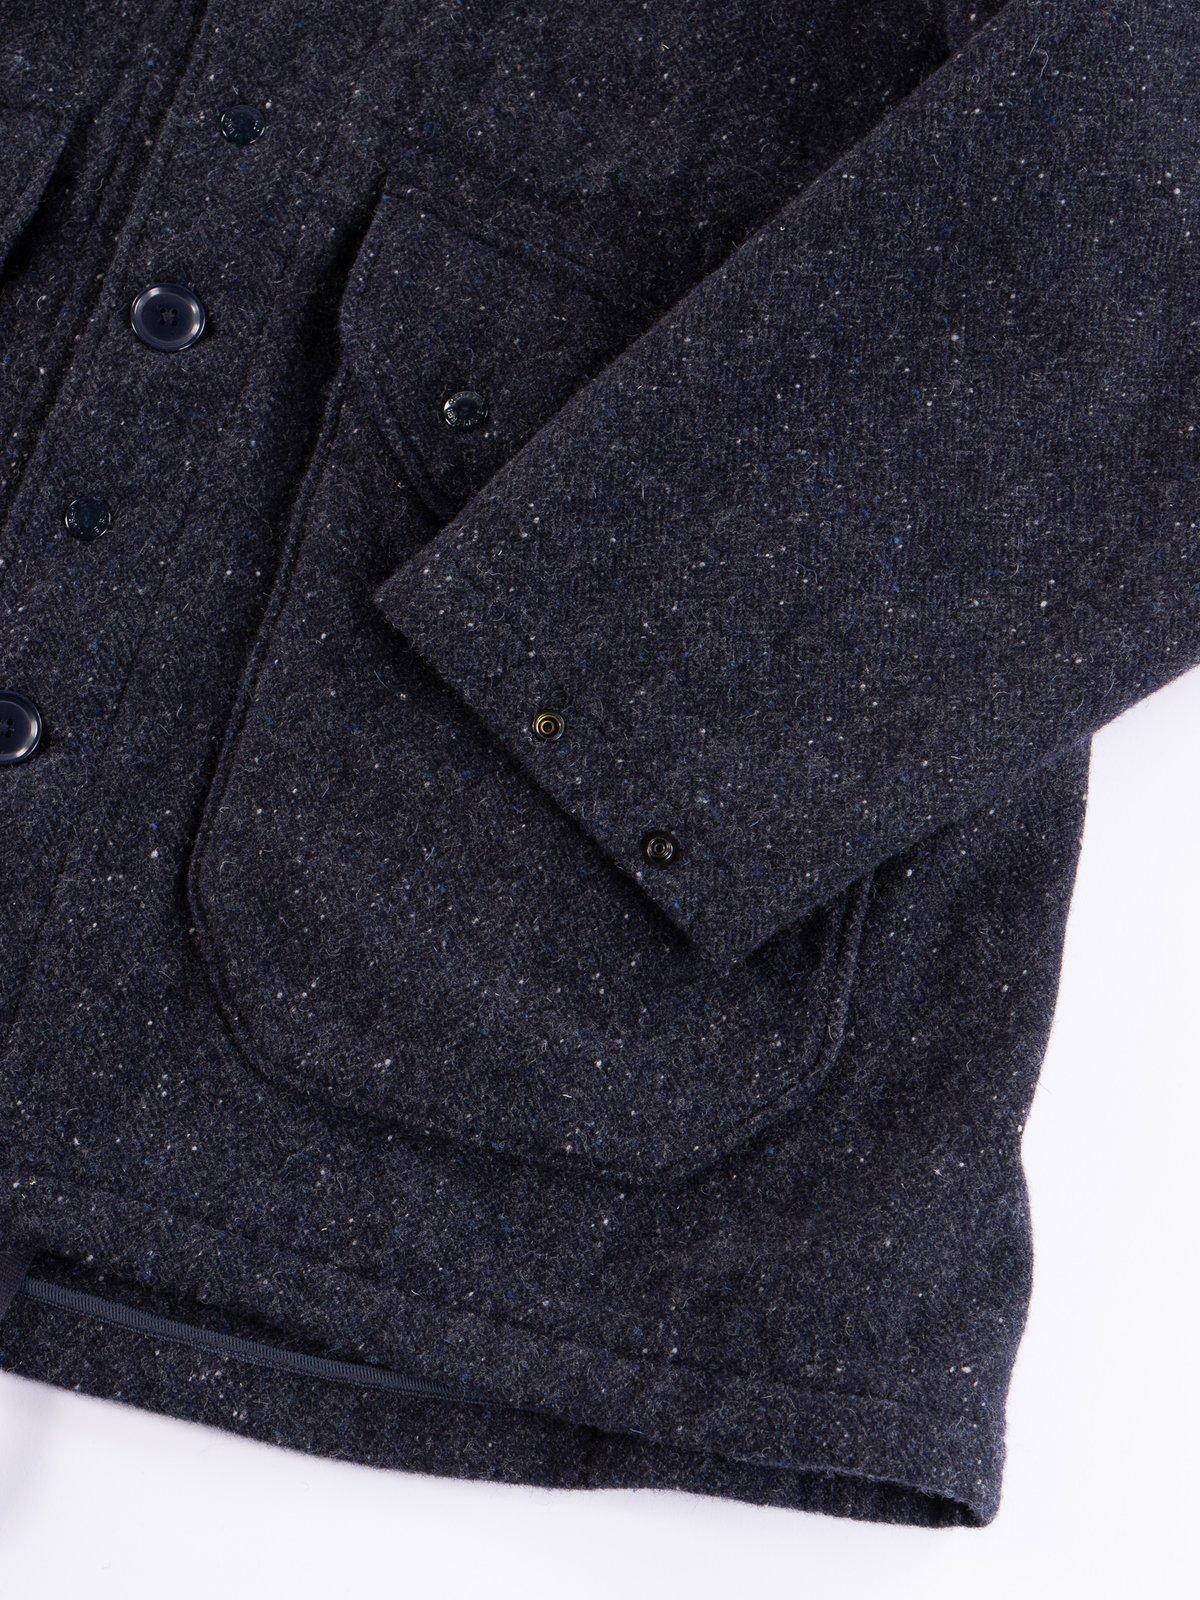 Navy Herringbone Donegal Wool Tweed Madison Parka - Image 6